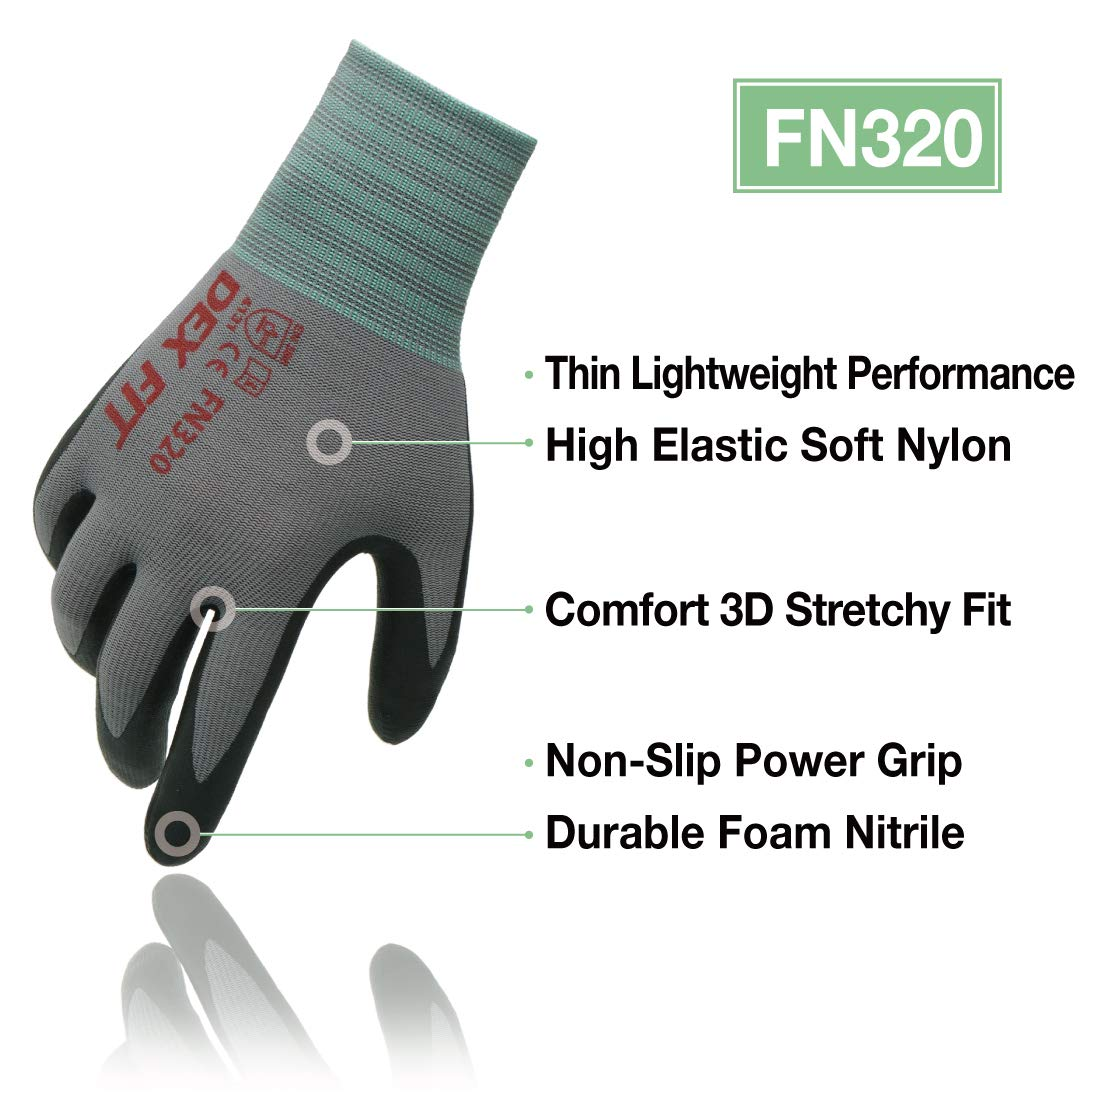 Lavable /à la machine Comfort 3D Stretchy Fit Rev/êtement en mousse durable Power Grip Smart Touch DEX FIT Gants de travail nitrile l/égers FN330 Gris Noir Petit 12 Paires